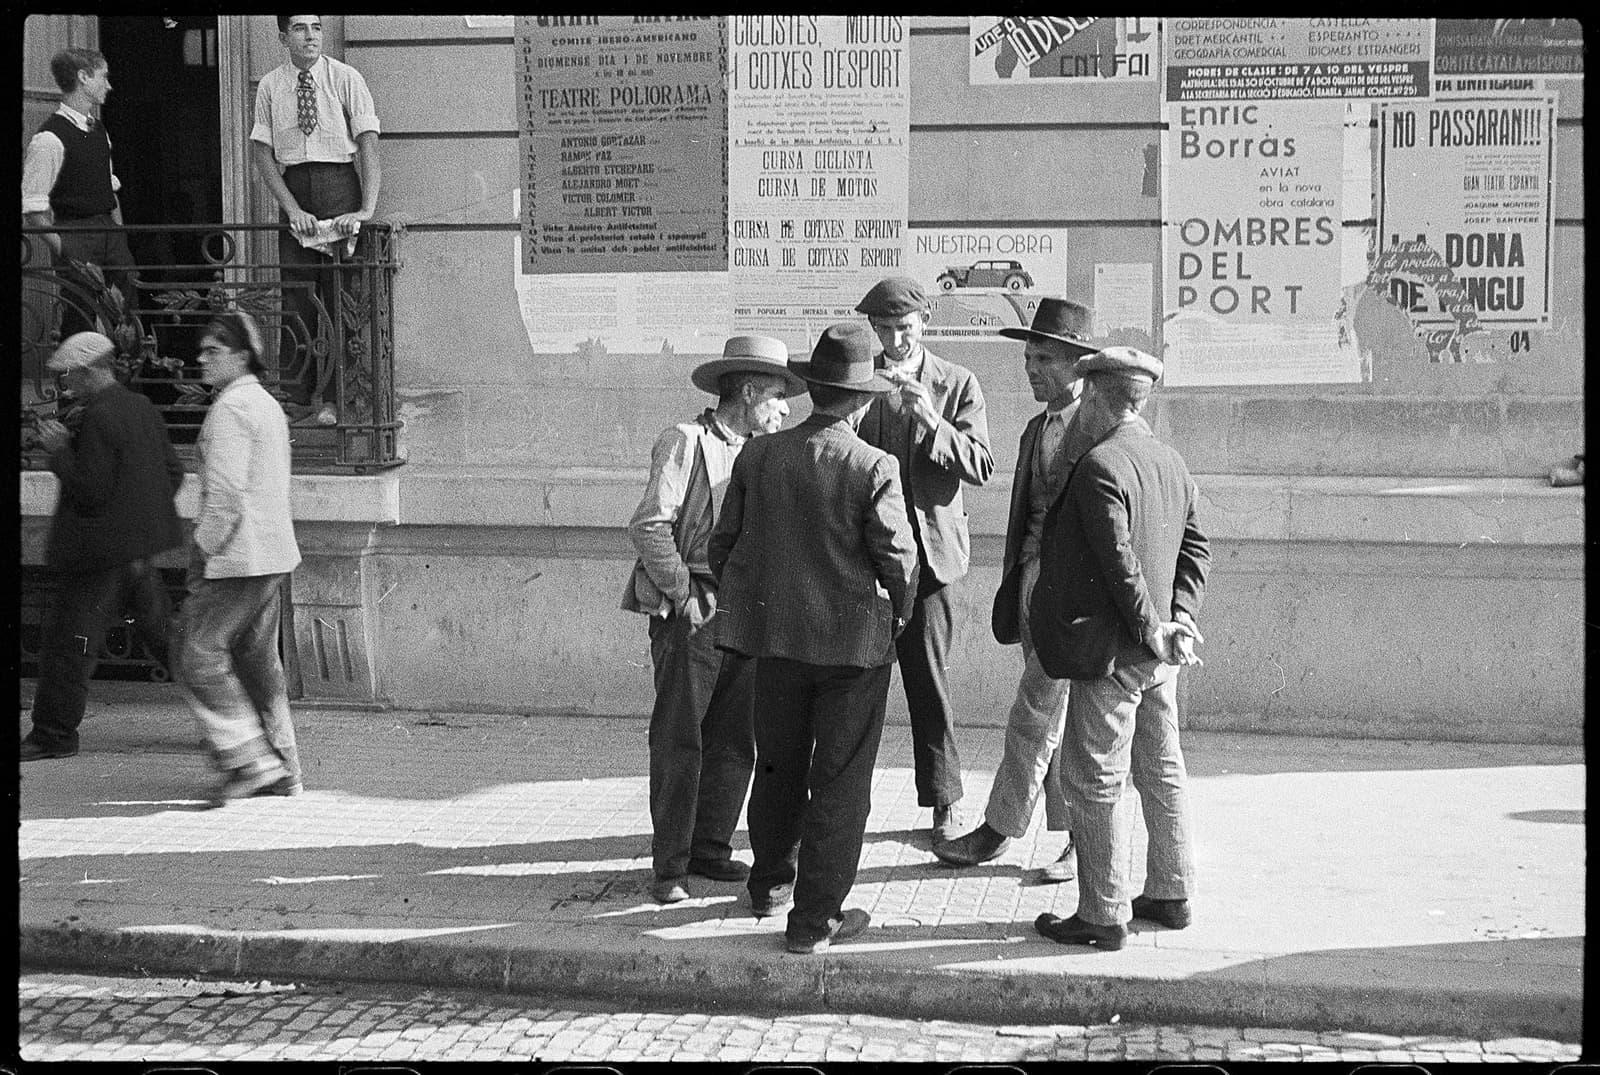 Refugiats malaguenys a prop de l'Hotel Ritz de Barcelona, febrer del 1937. AACB.